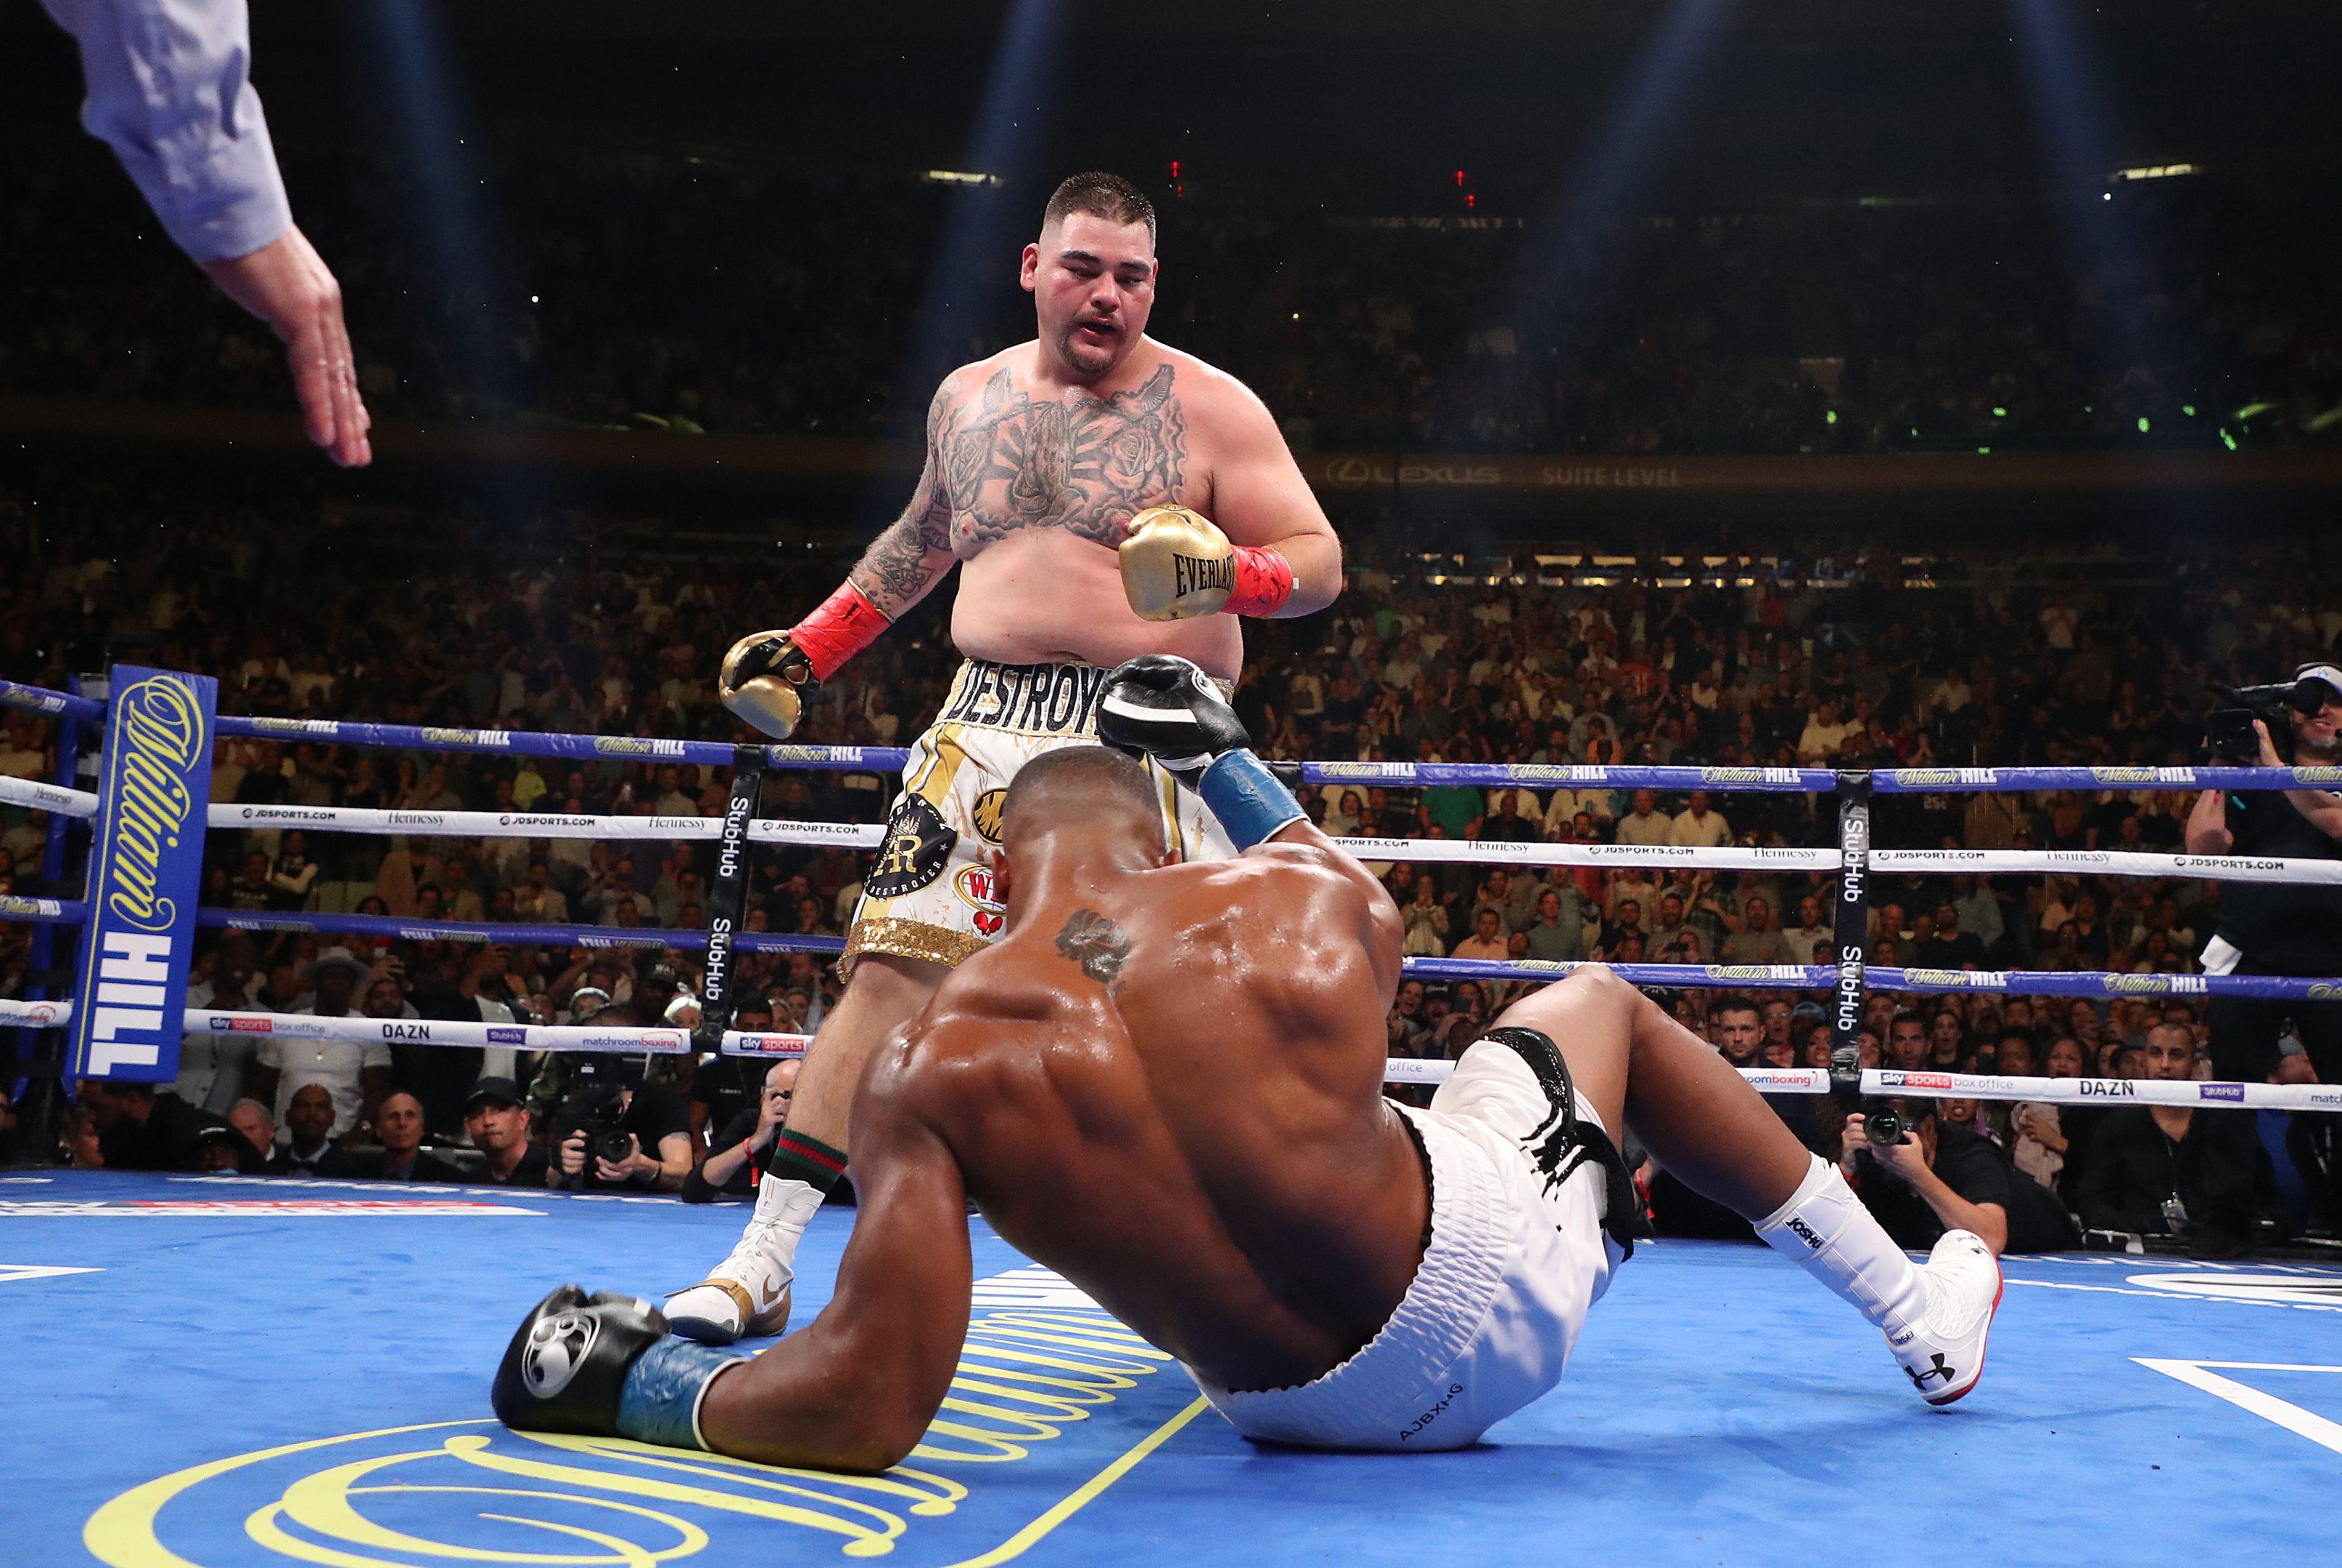 A Snickers-rajongó pufók srác, aki sokkolta a bokszvilágot | Az online férfimagazin